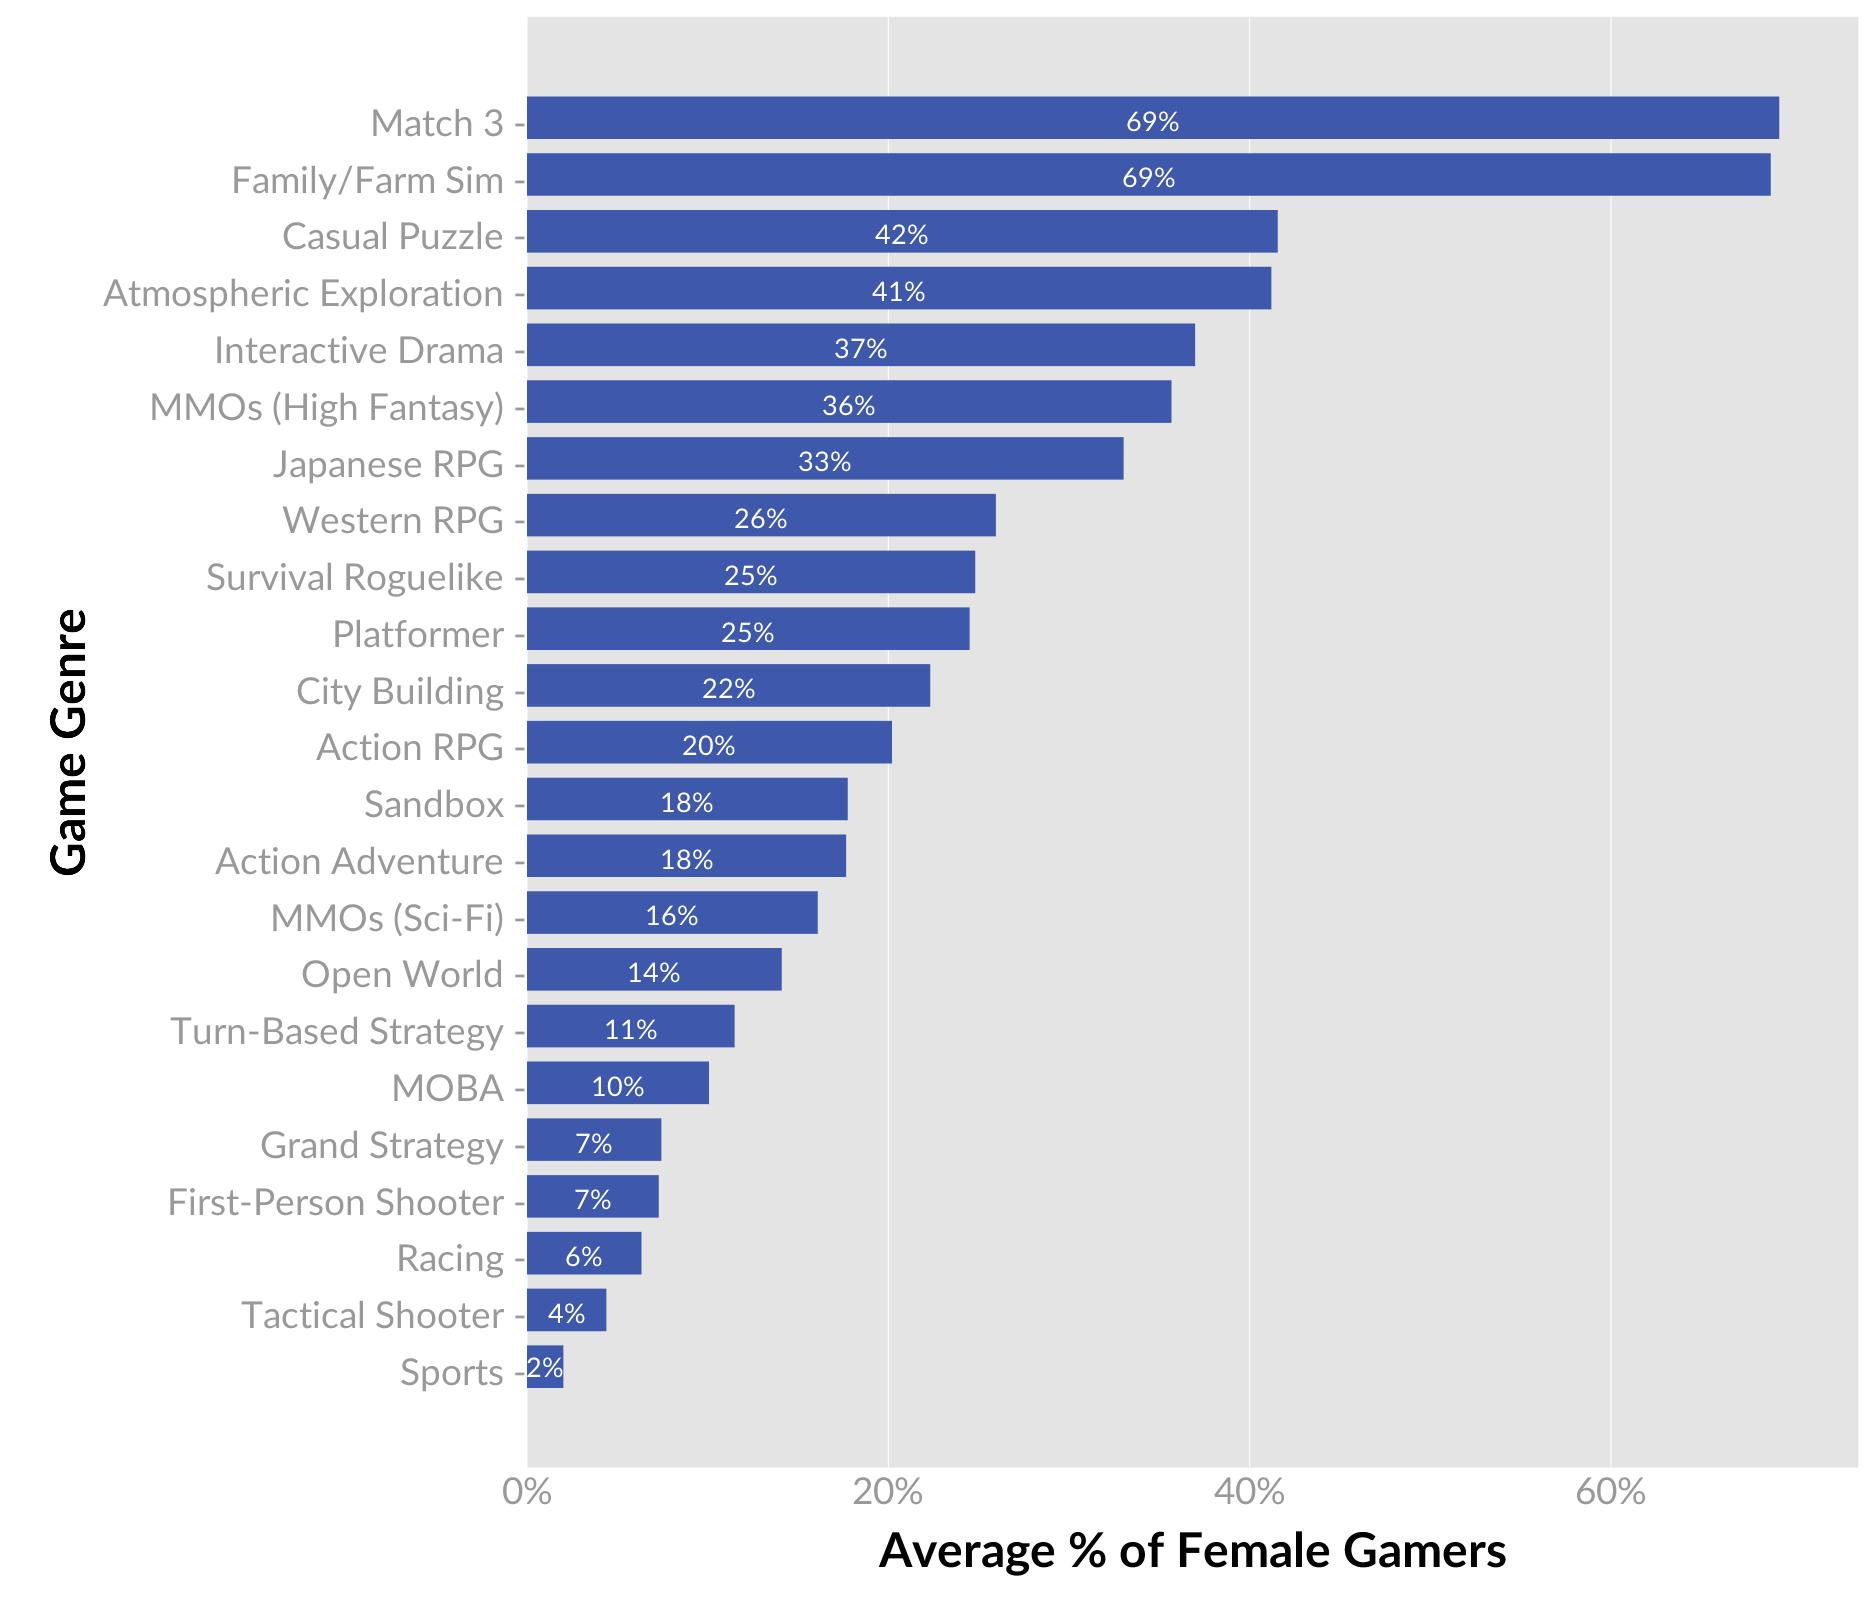 IMAGE(https://cdn.vox-cdn.com/uploads/chorus_asset/file/7842523/genre_gender_averages.png)